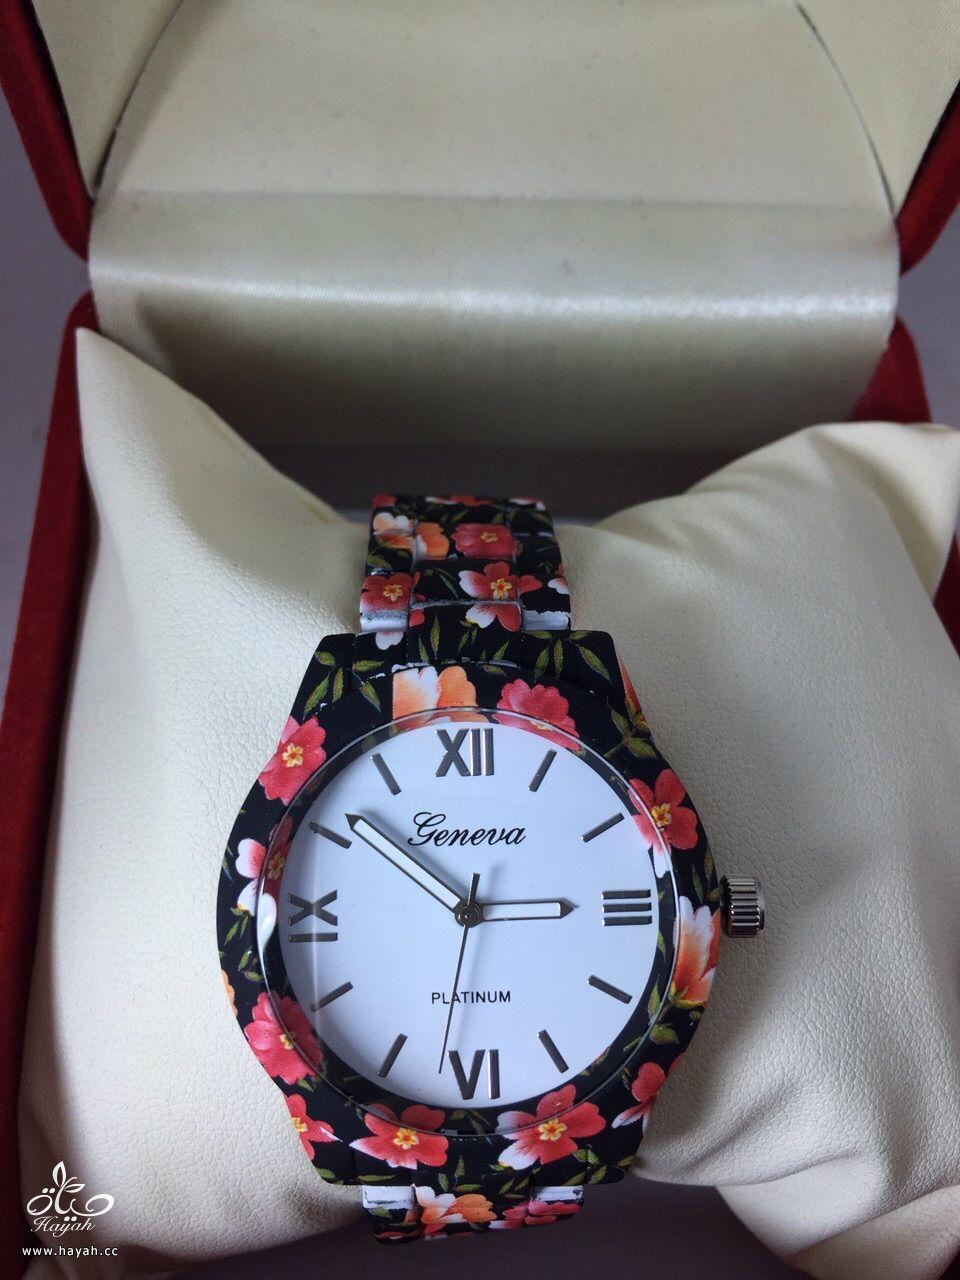 جديد ساعات جينفا بسعر راائع hayahcc_1427842413_980.jpg